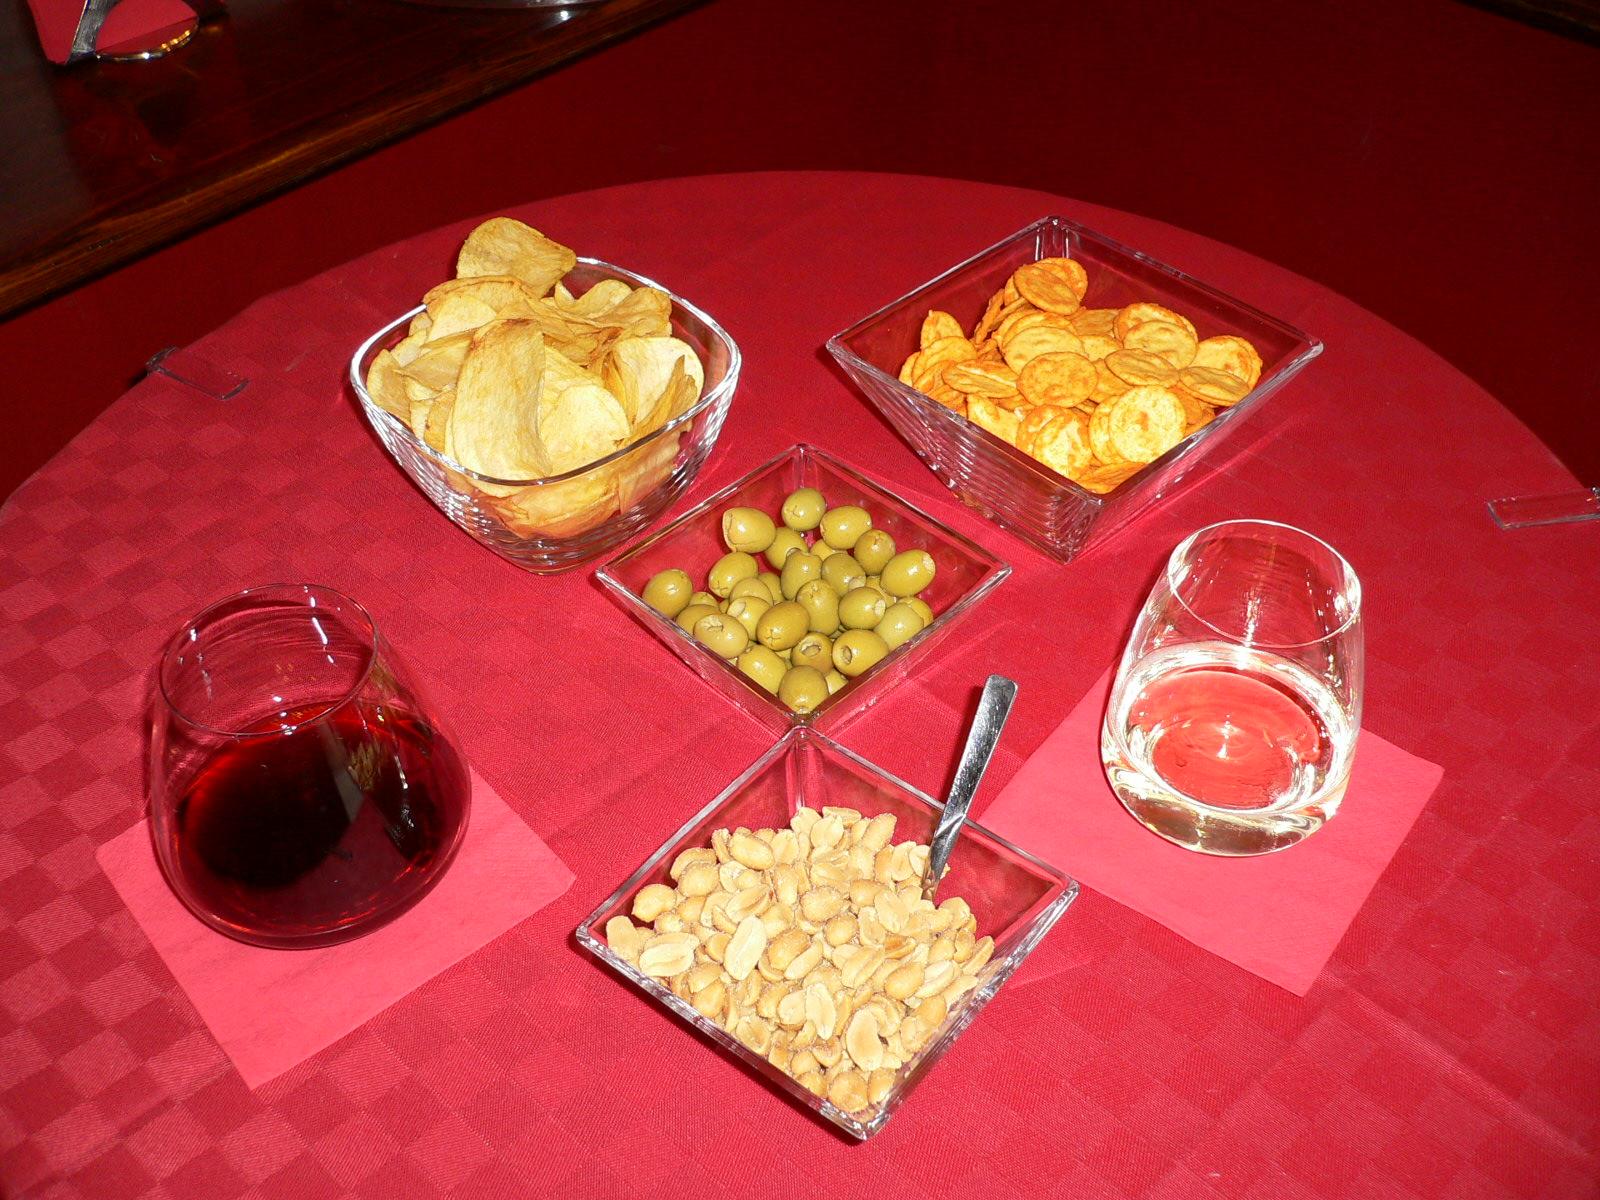 Bicchieri Vino senza stelo 007.jpg